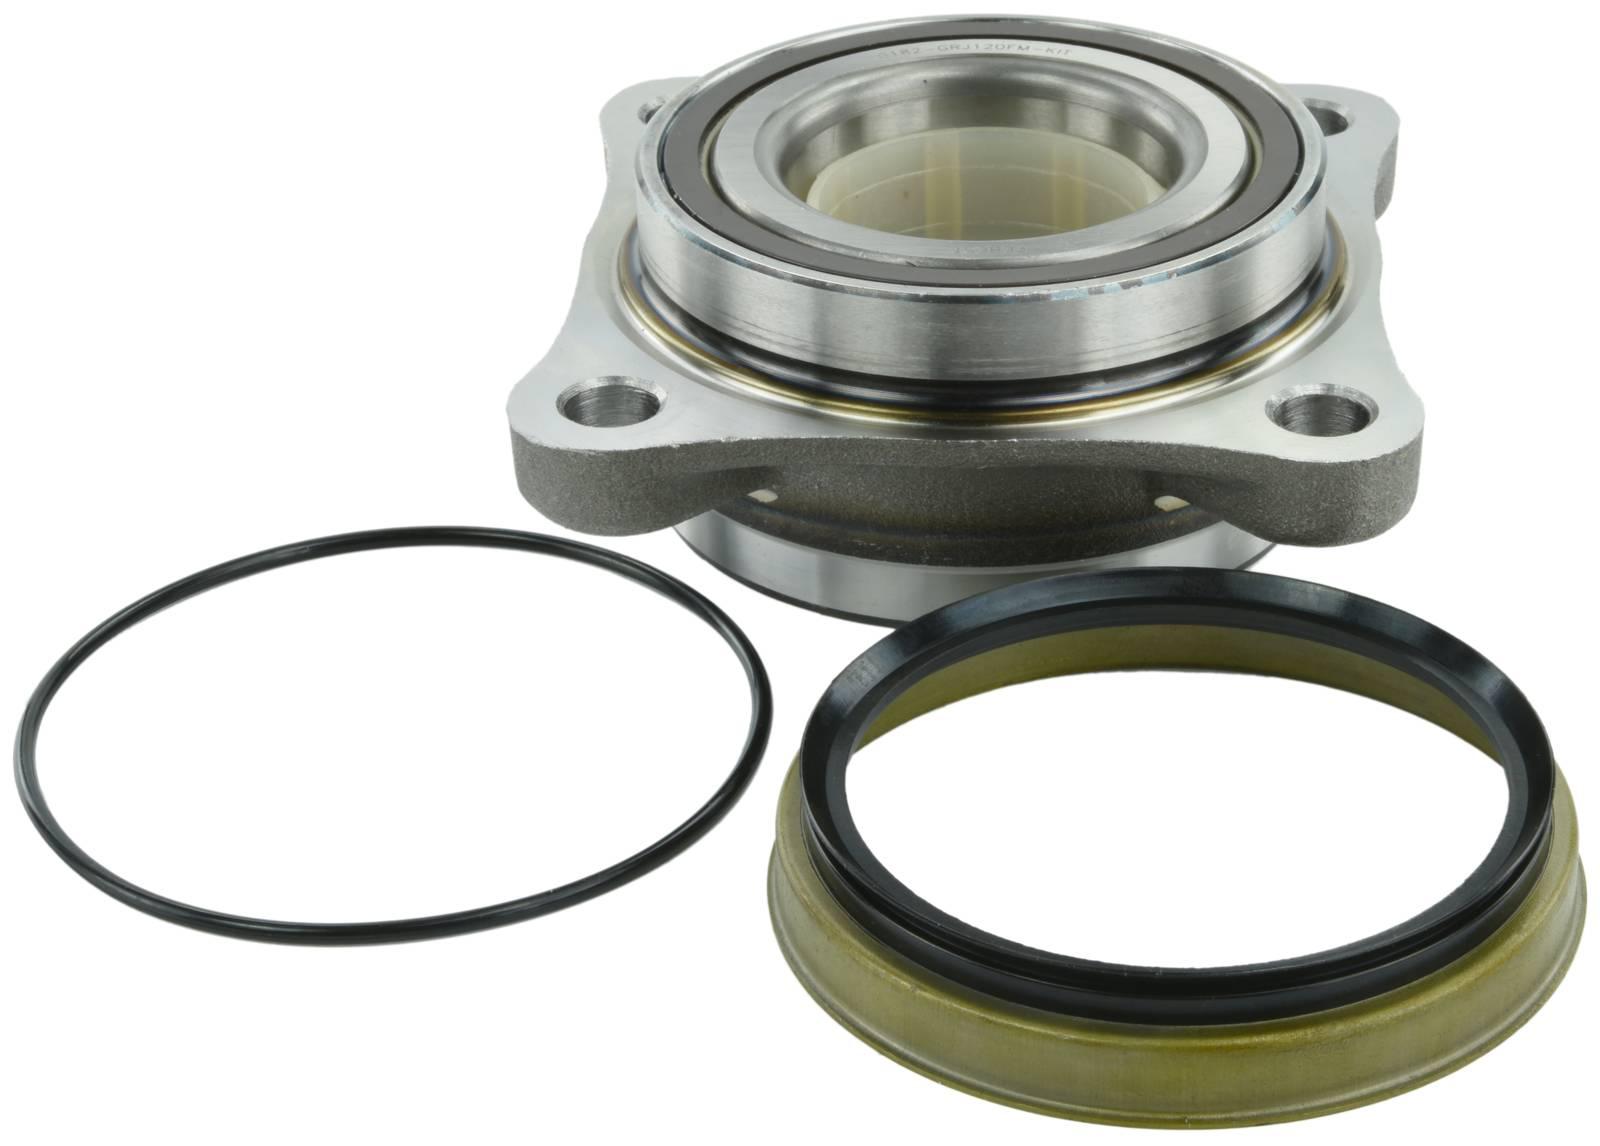 Wheel Hub (Front) Kit - Febest # 0182-GRJ120FM-KIT OEM 43570-60010